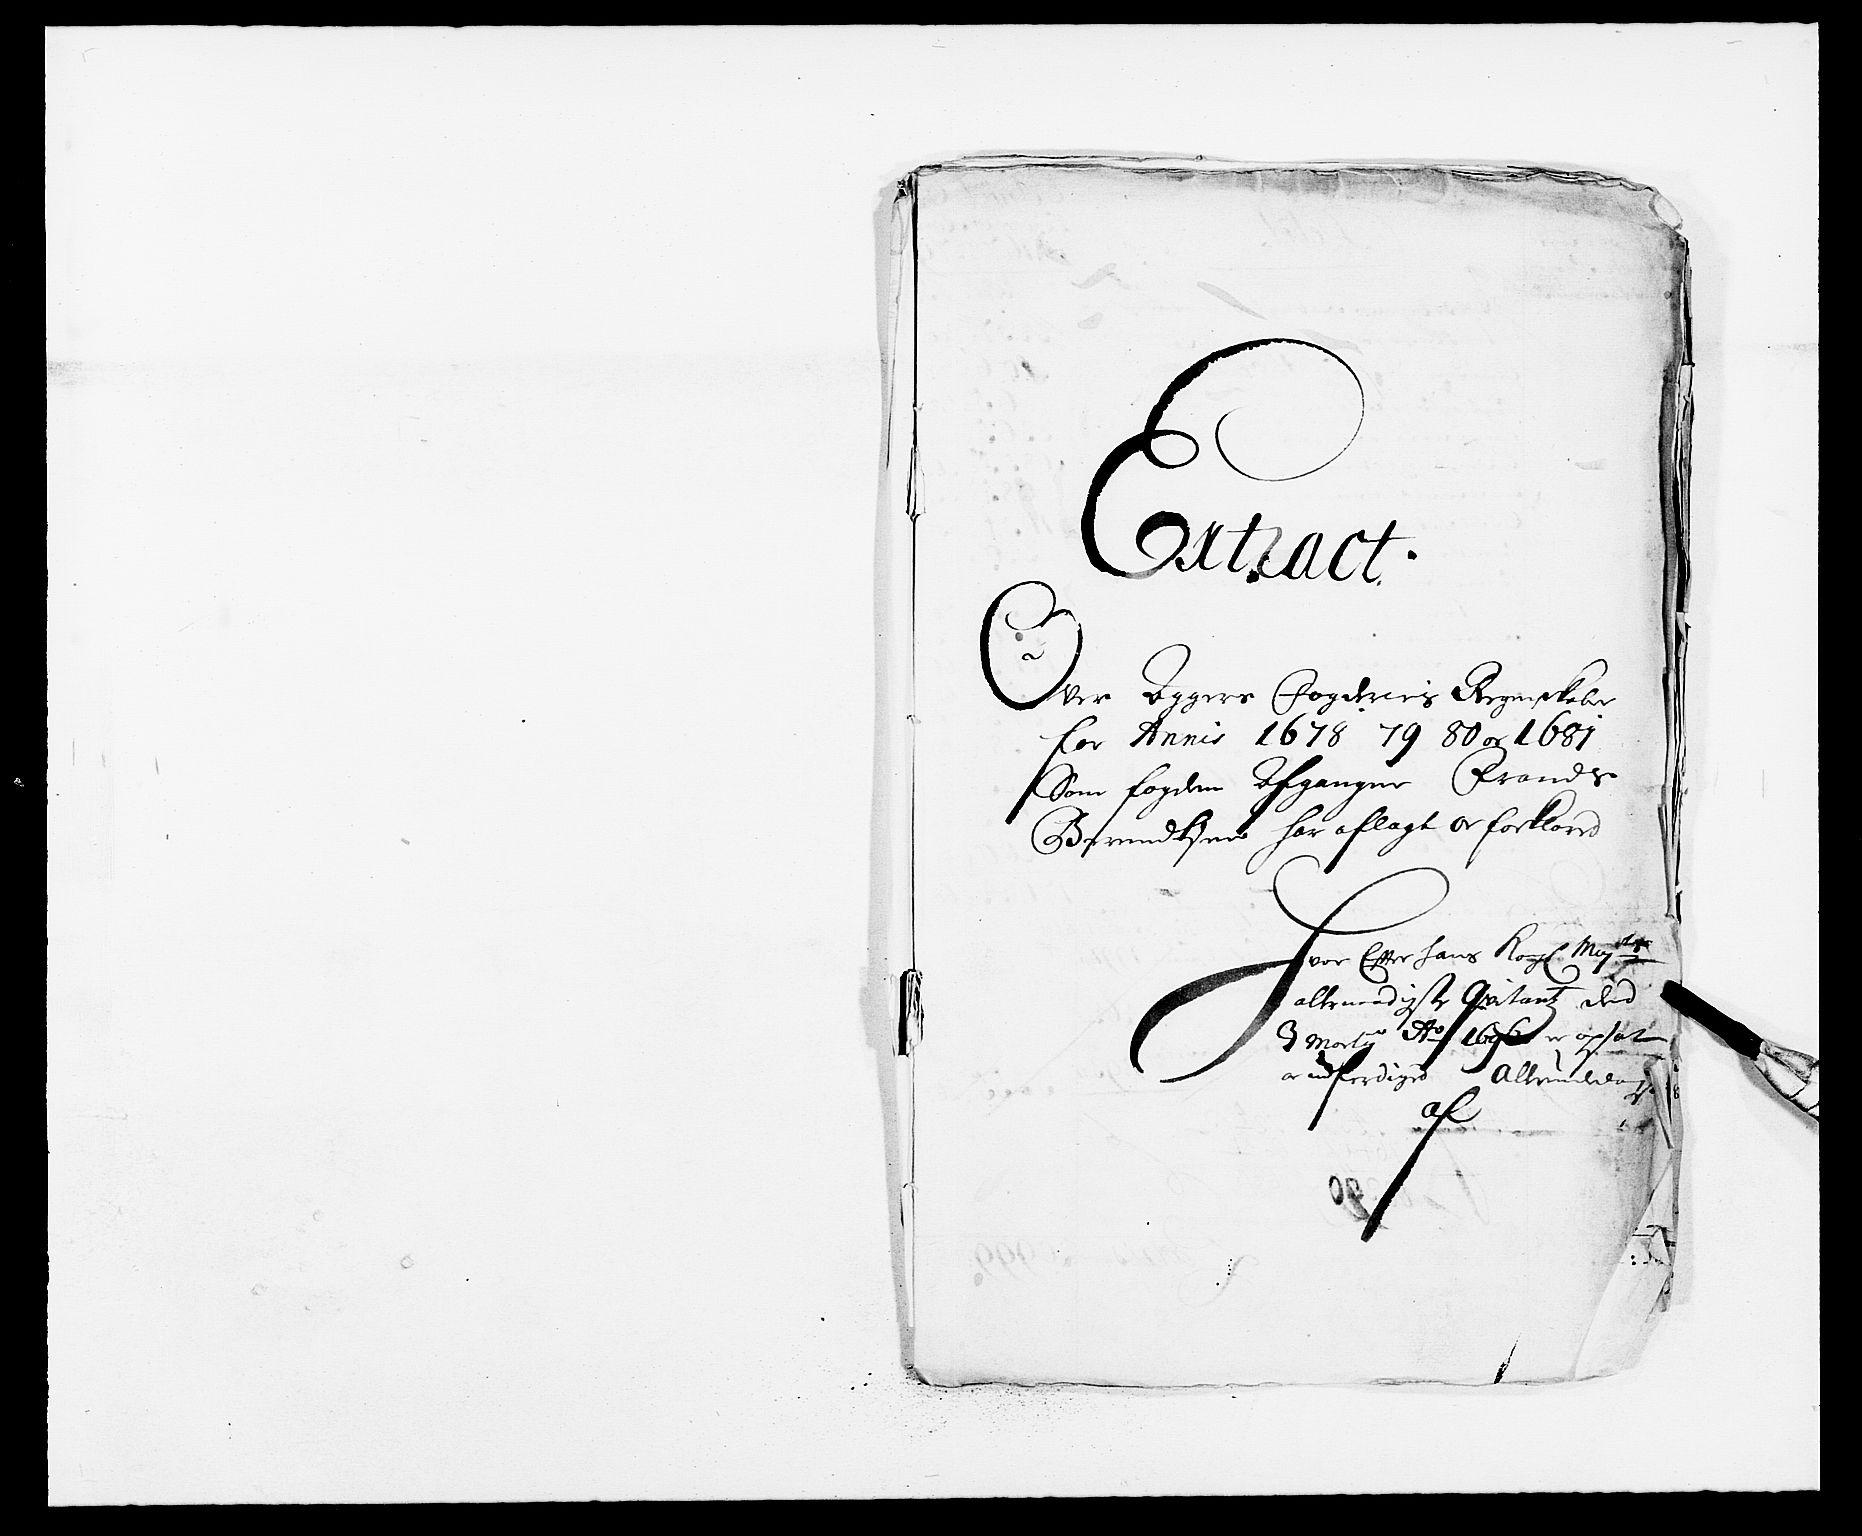 RA, Rentekammeret inntil 1814, Reviderte regnskaper, Fogderegnskap, R08/L0416: Fogderegnskap Aker, 1678-1681, s. 131